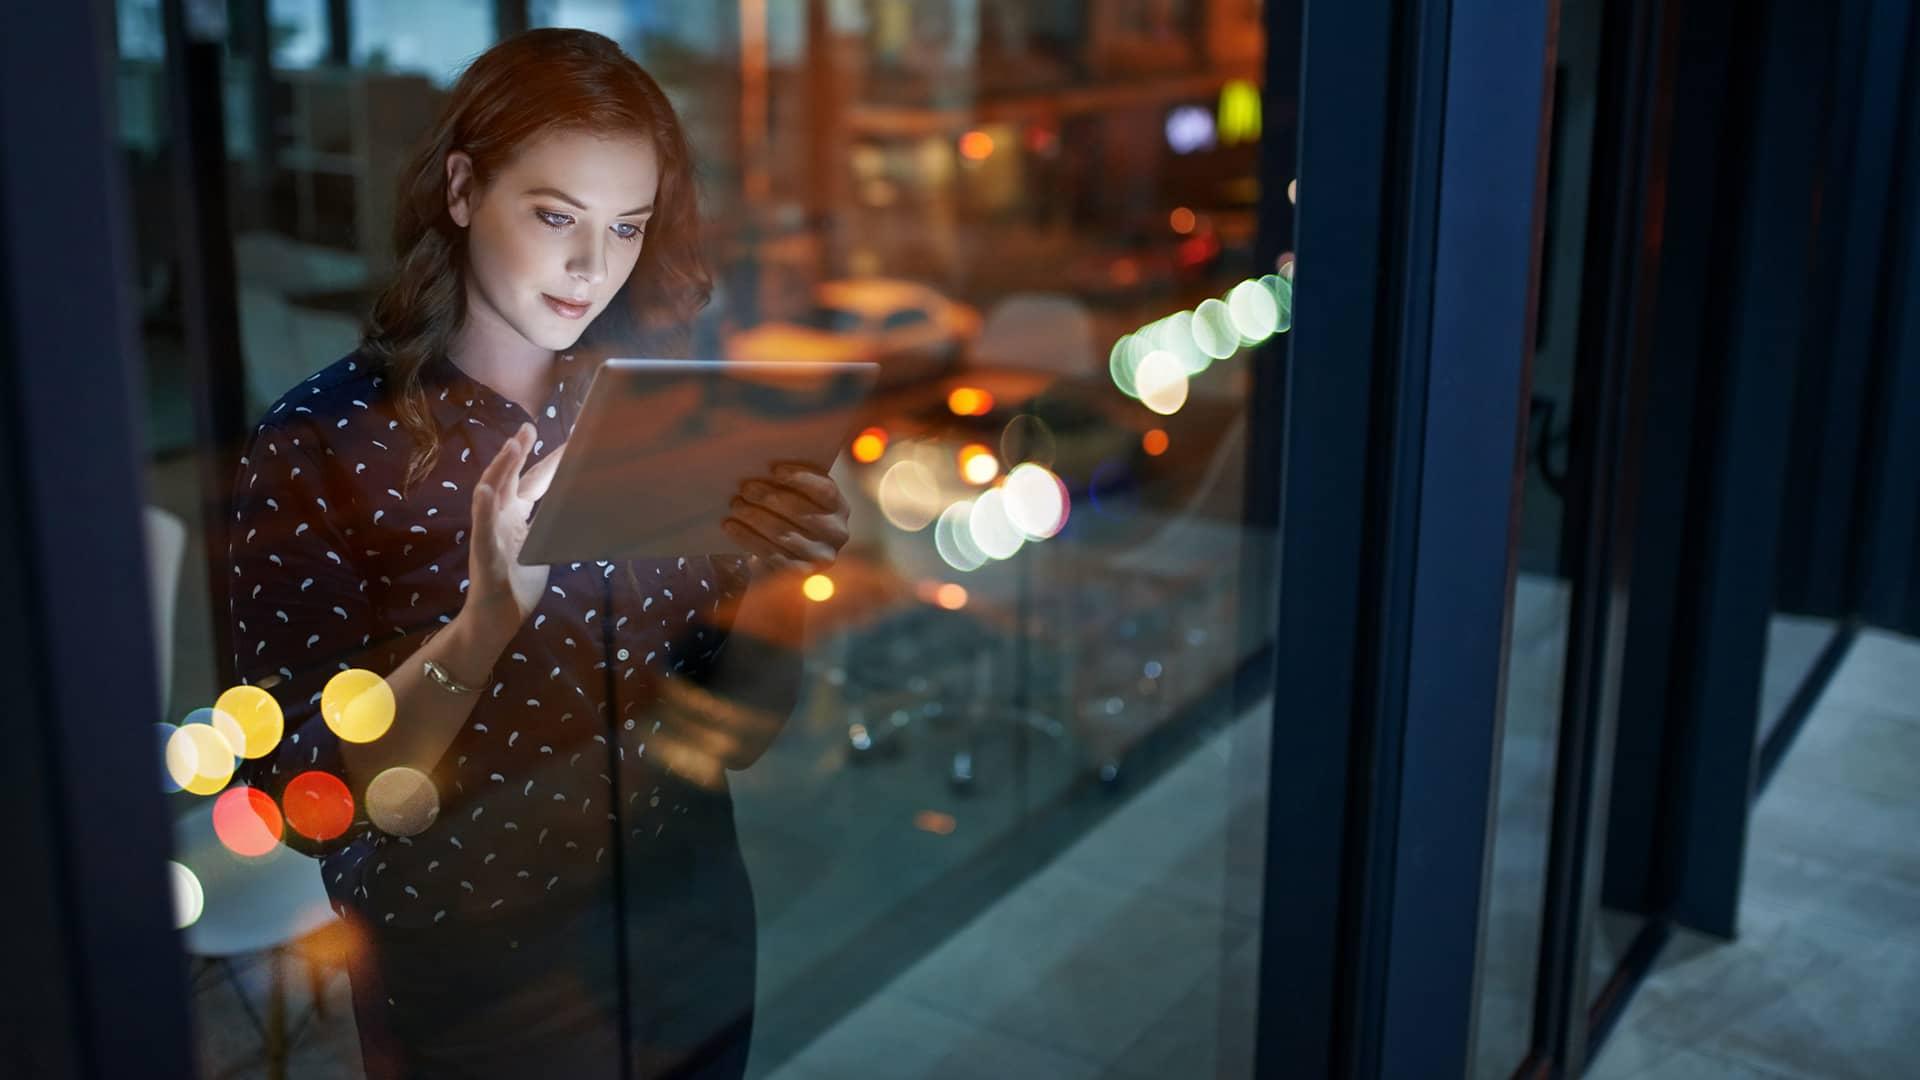 Fibra óptica oscura: Descubre qué es y quién la utiliza